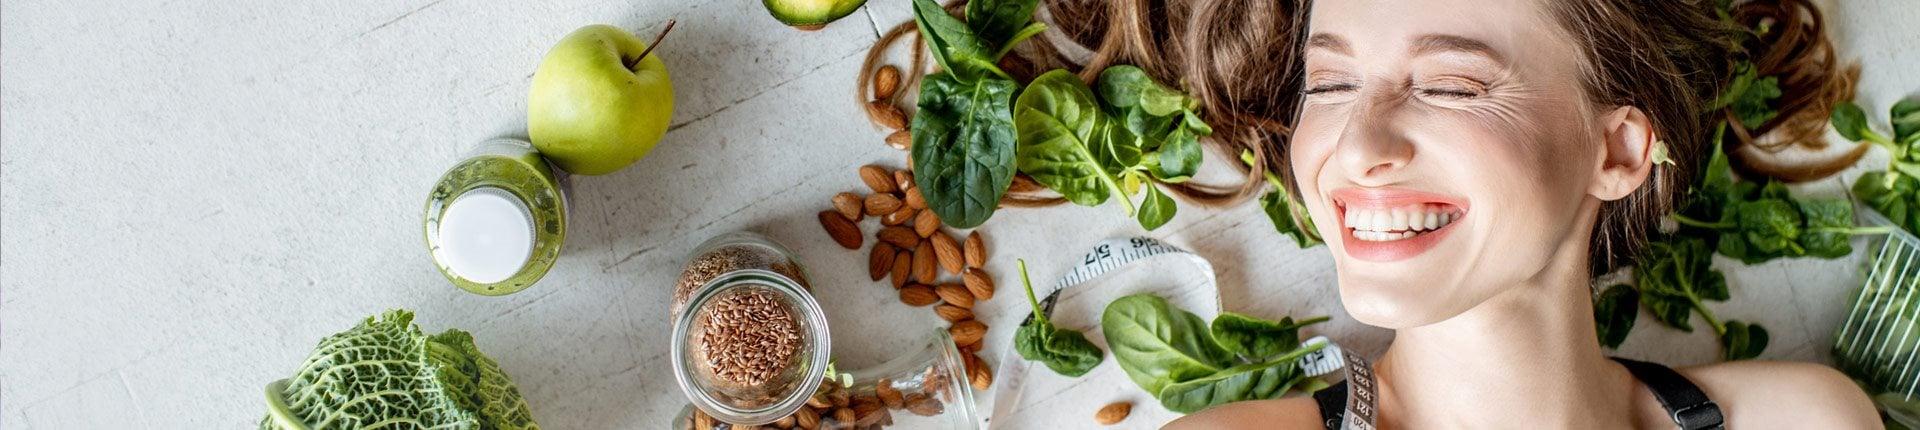 Jak przejść na weganizm - przewodnik dla początkujących, jadłospis wegański